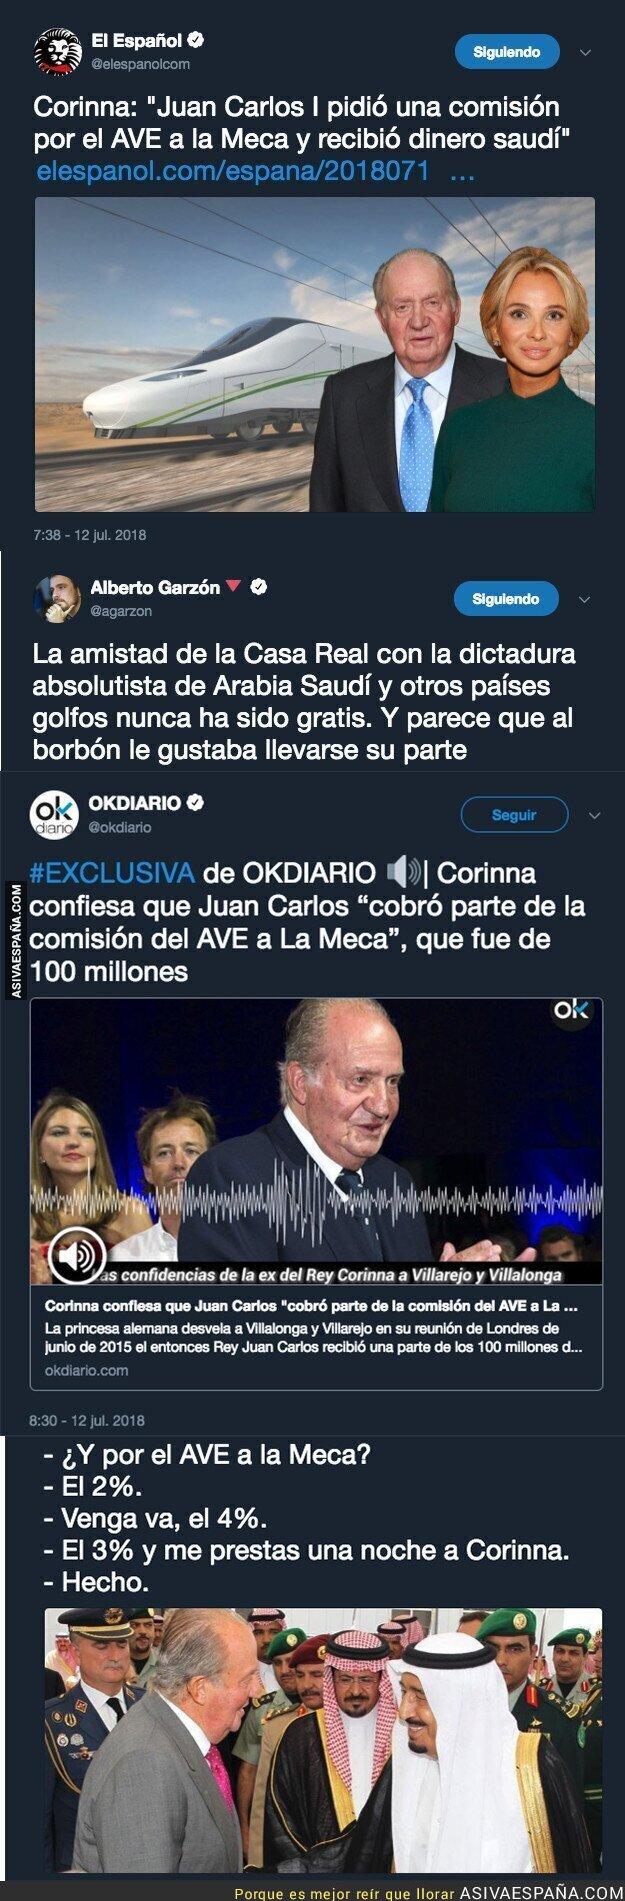 89495 - El gran escándalo del Rey Juan Carlos y las comisiones desveladas por su ex-novia Corinna